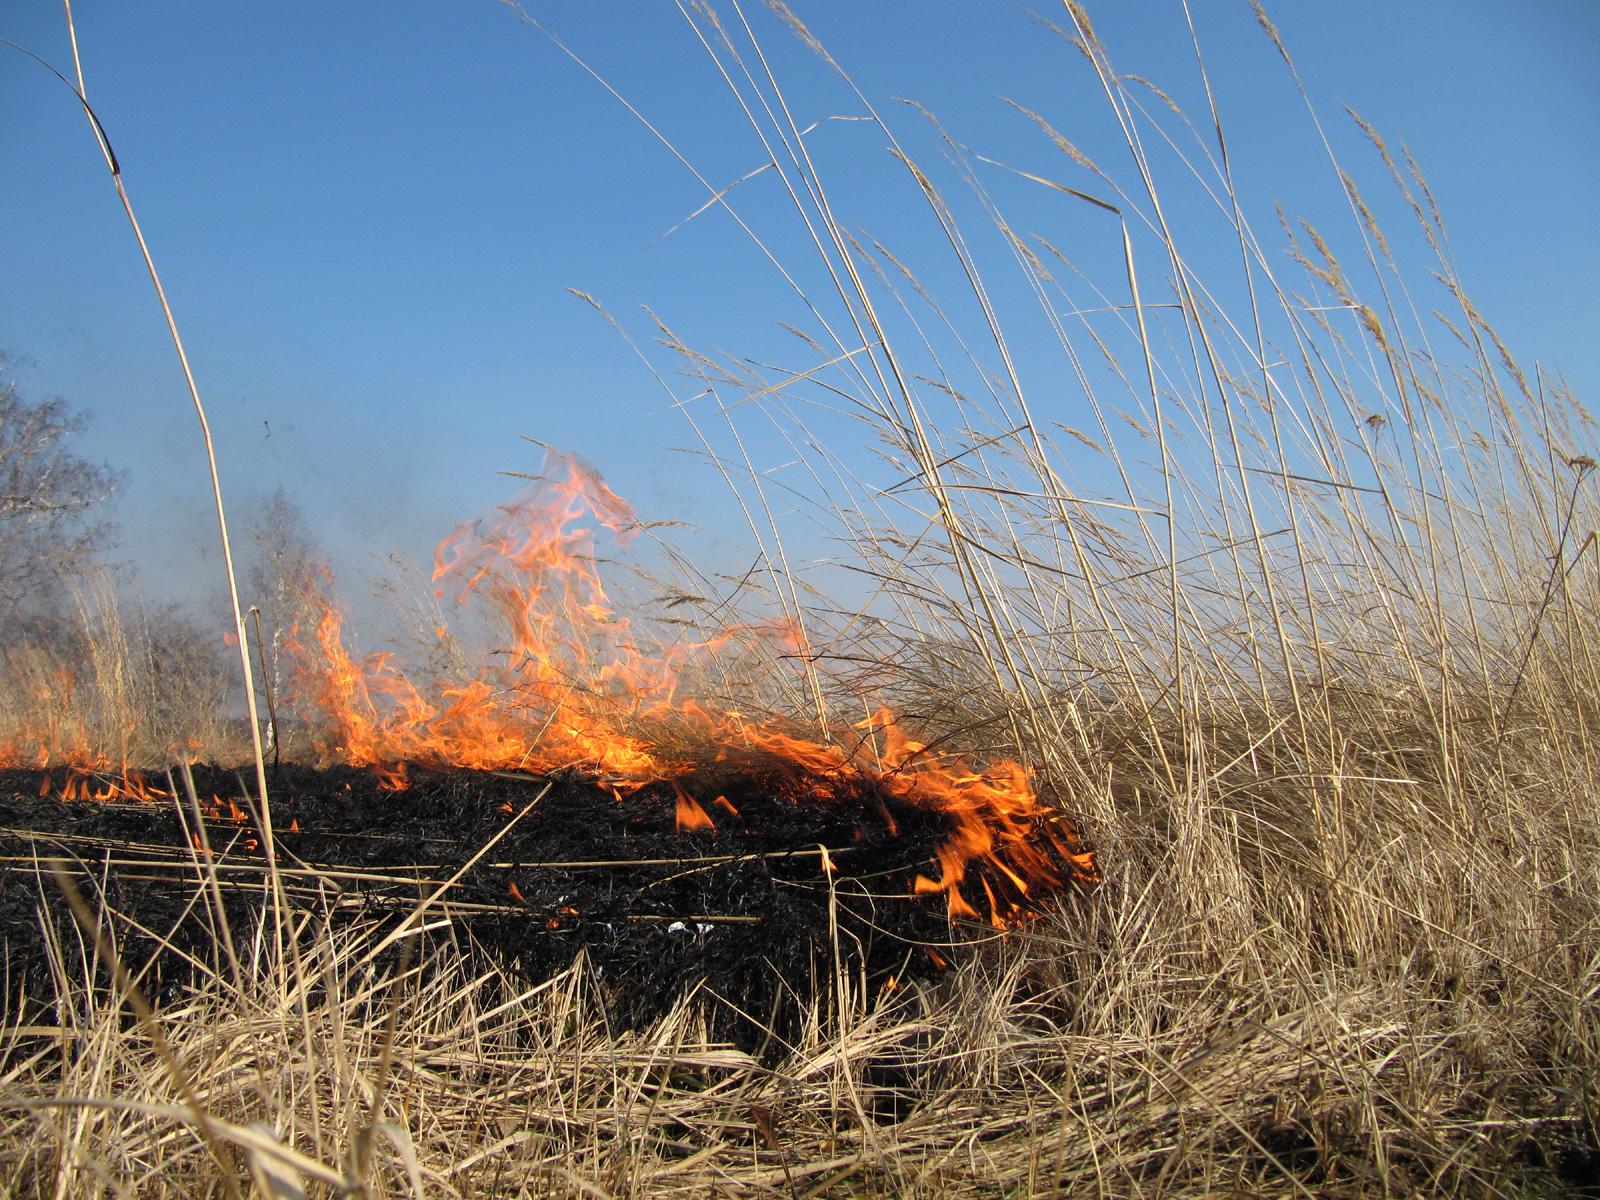 Попри усі заборони та застереження, на Прикарпатті продовжують масово підпалювати суху траву